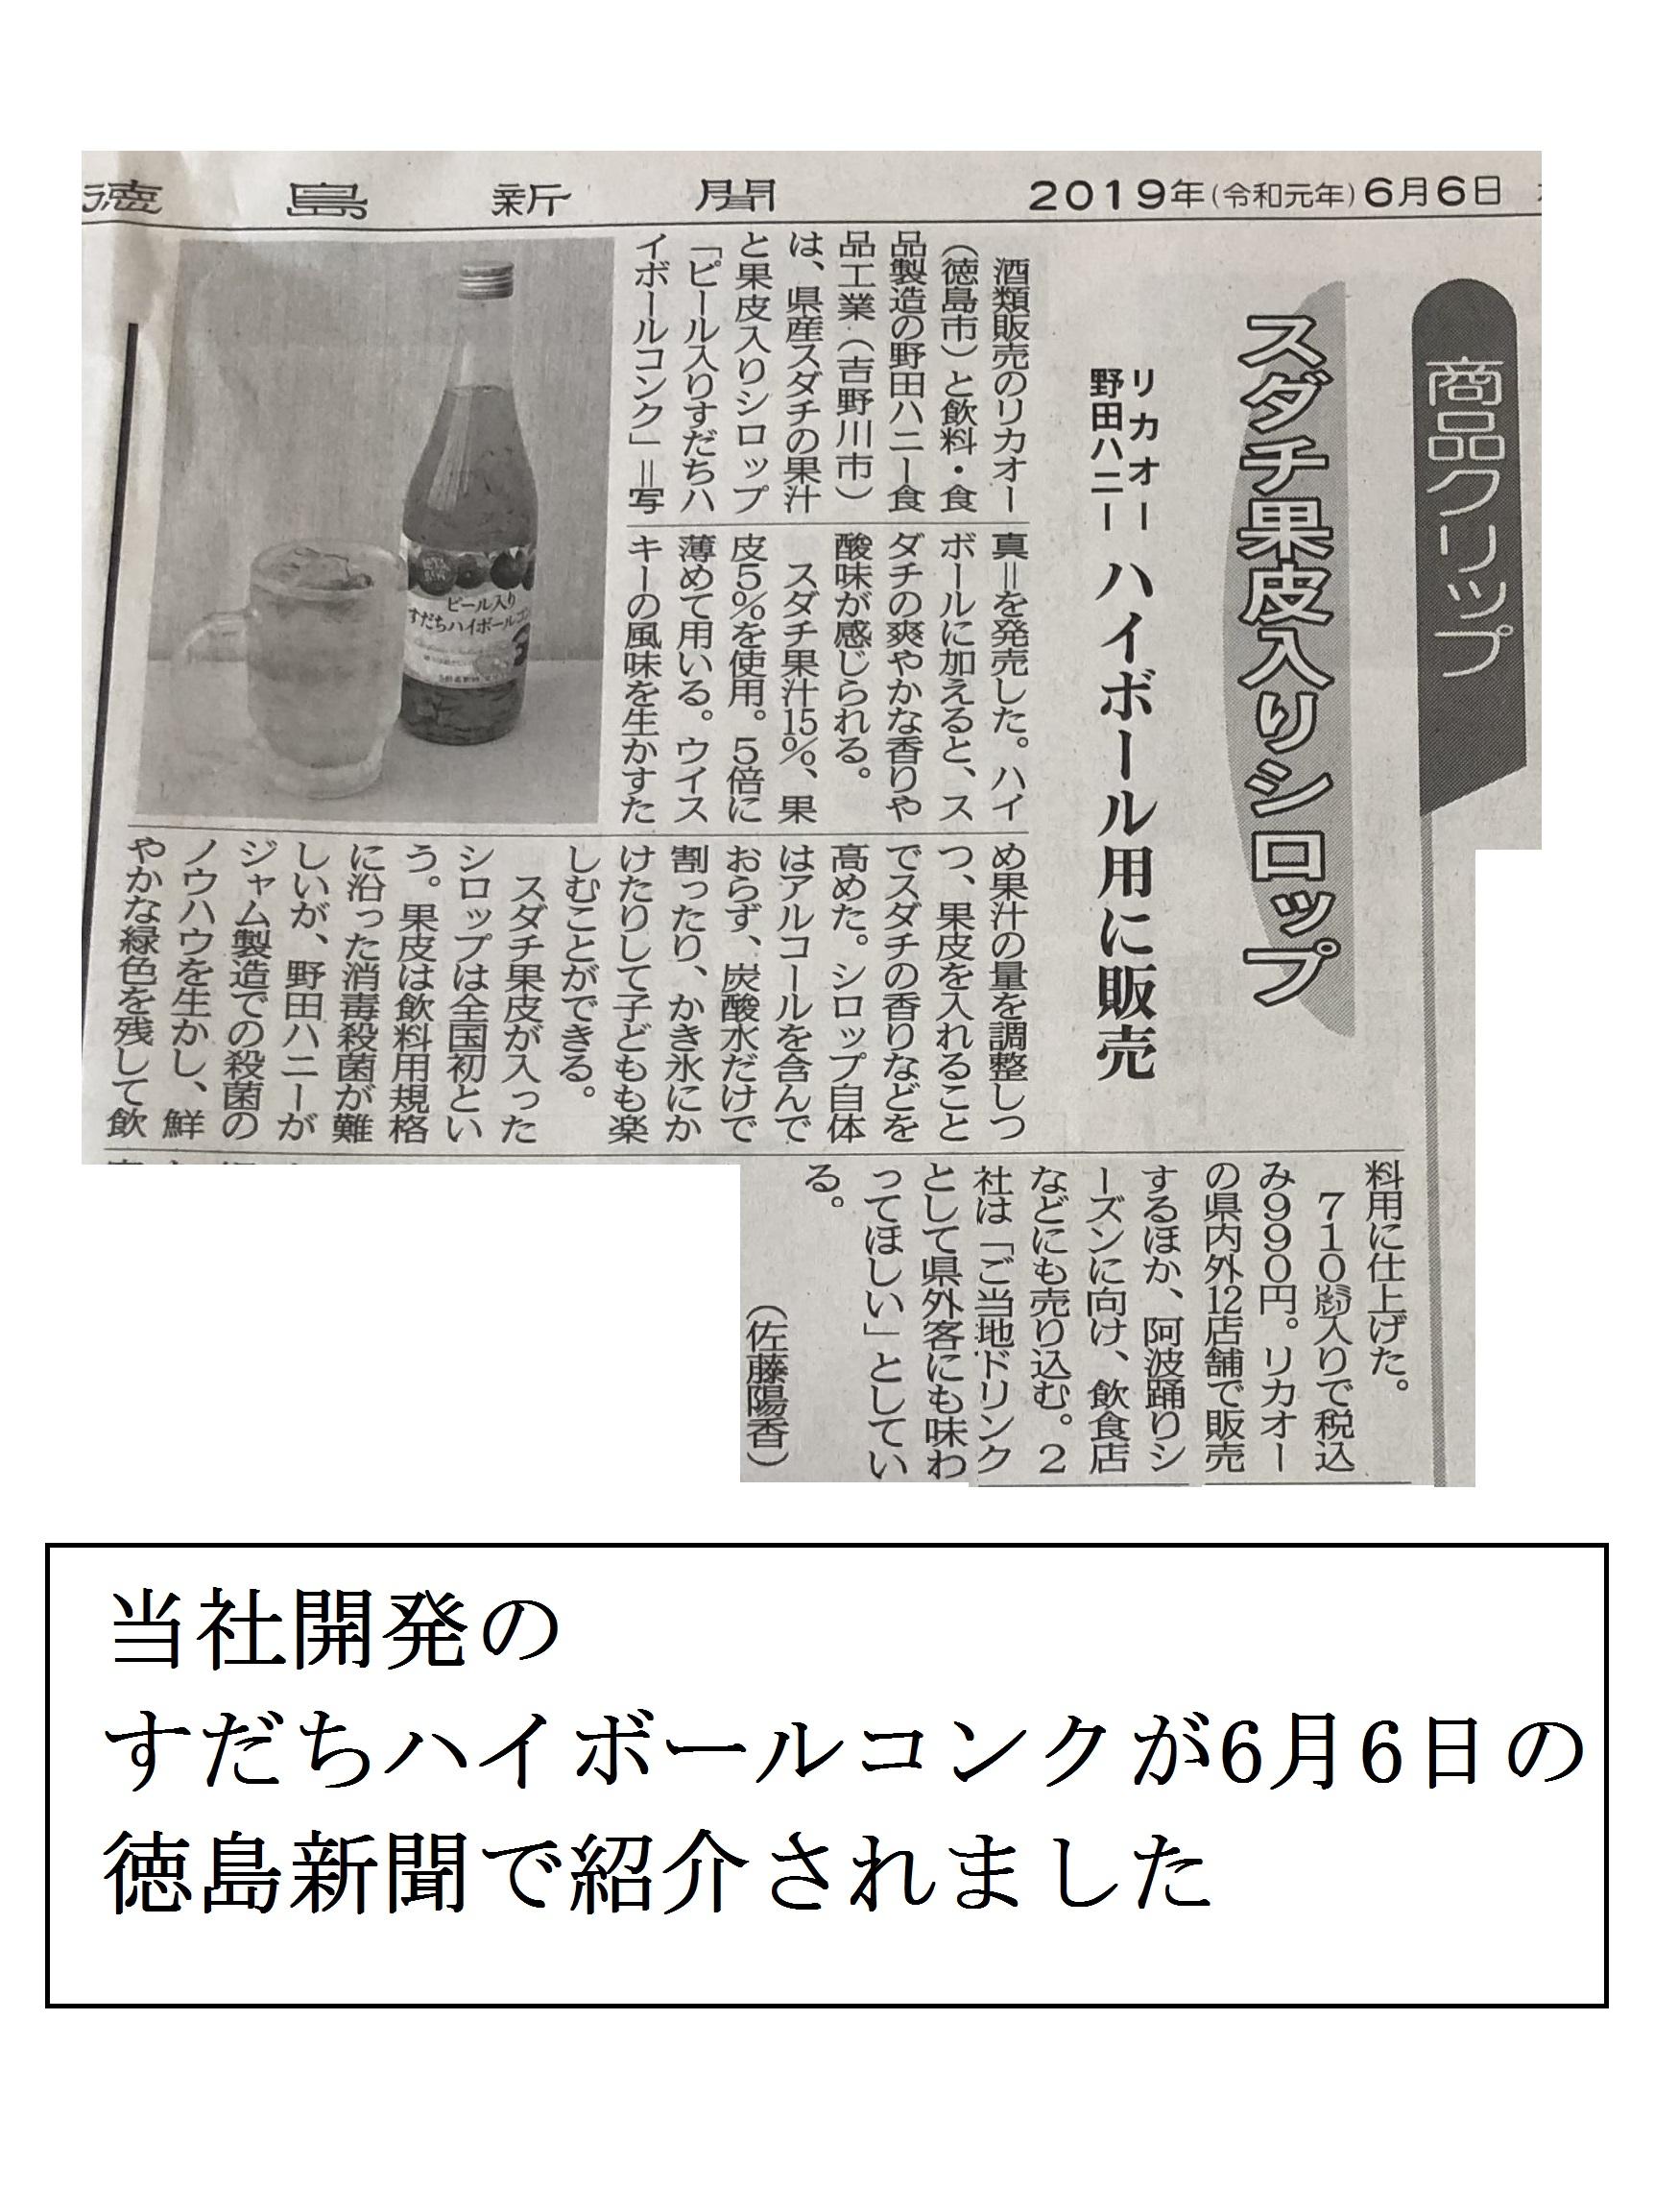 ピール入りすだちハイボールコンク 徳島新聞掲載